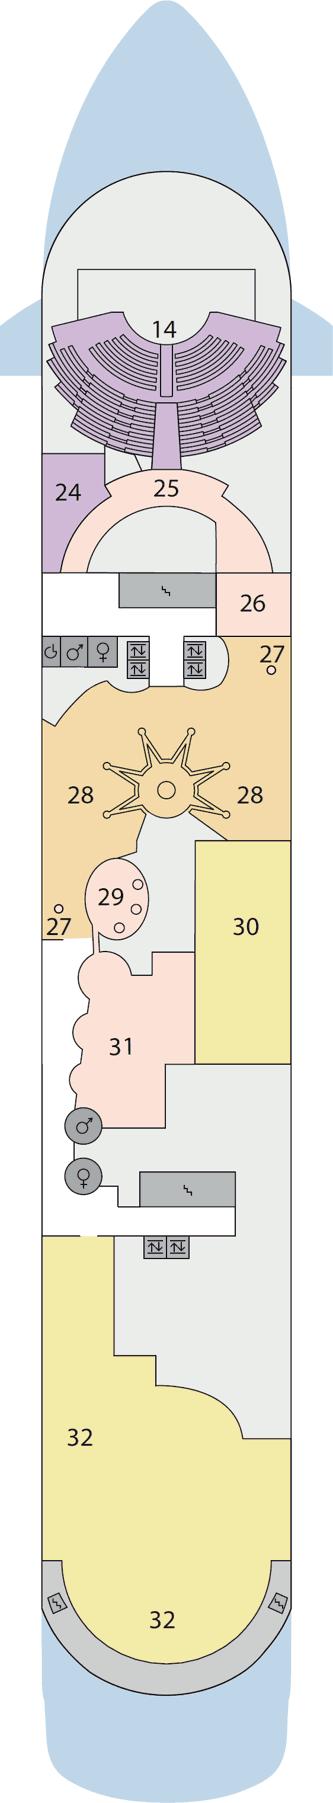 AIDAaura - Deck 8